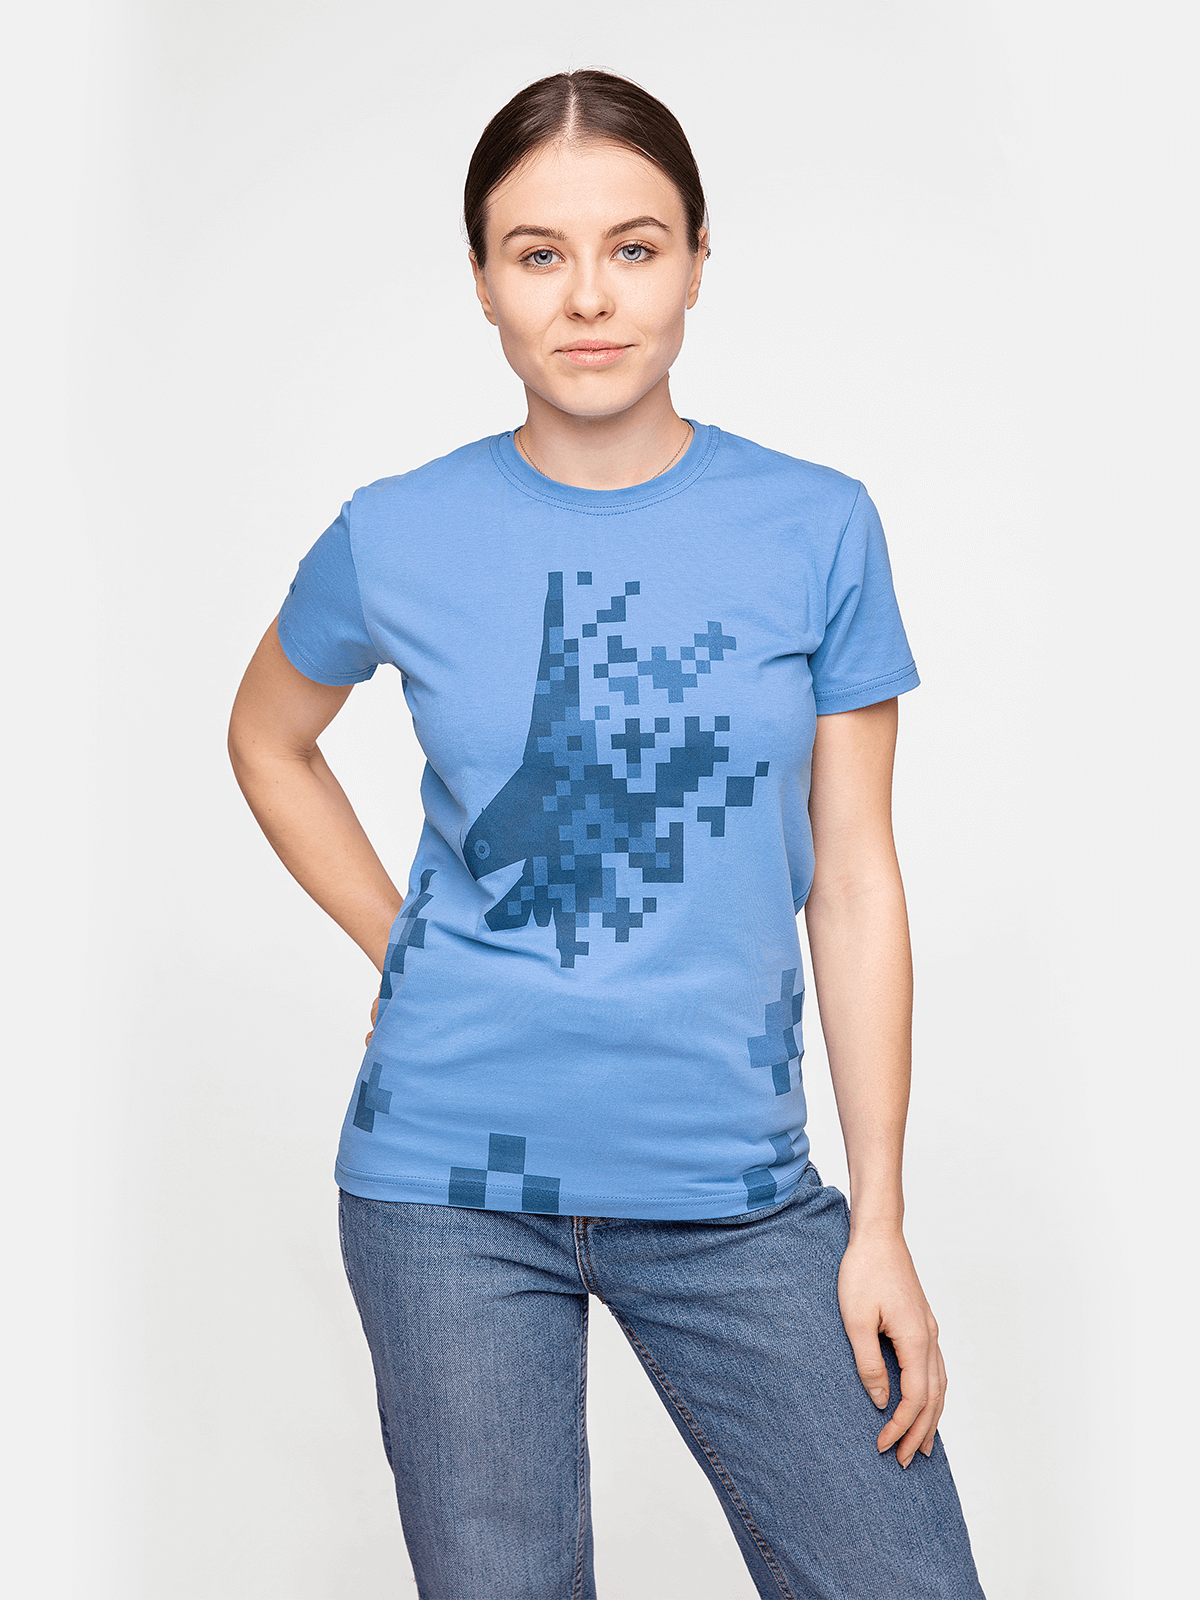 Жіноча Футболка 831 Бригада. Колір блакитний. Футболкаунісекс(розміри чоловічі).